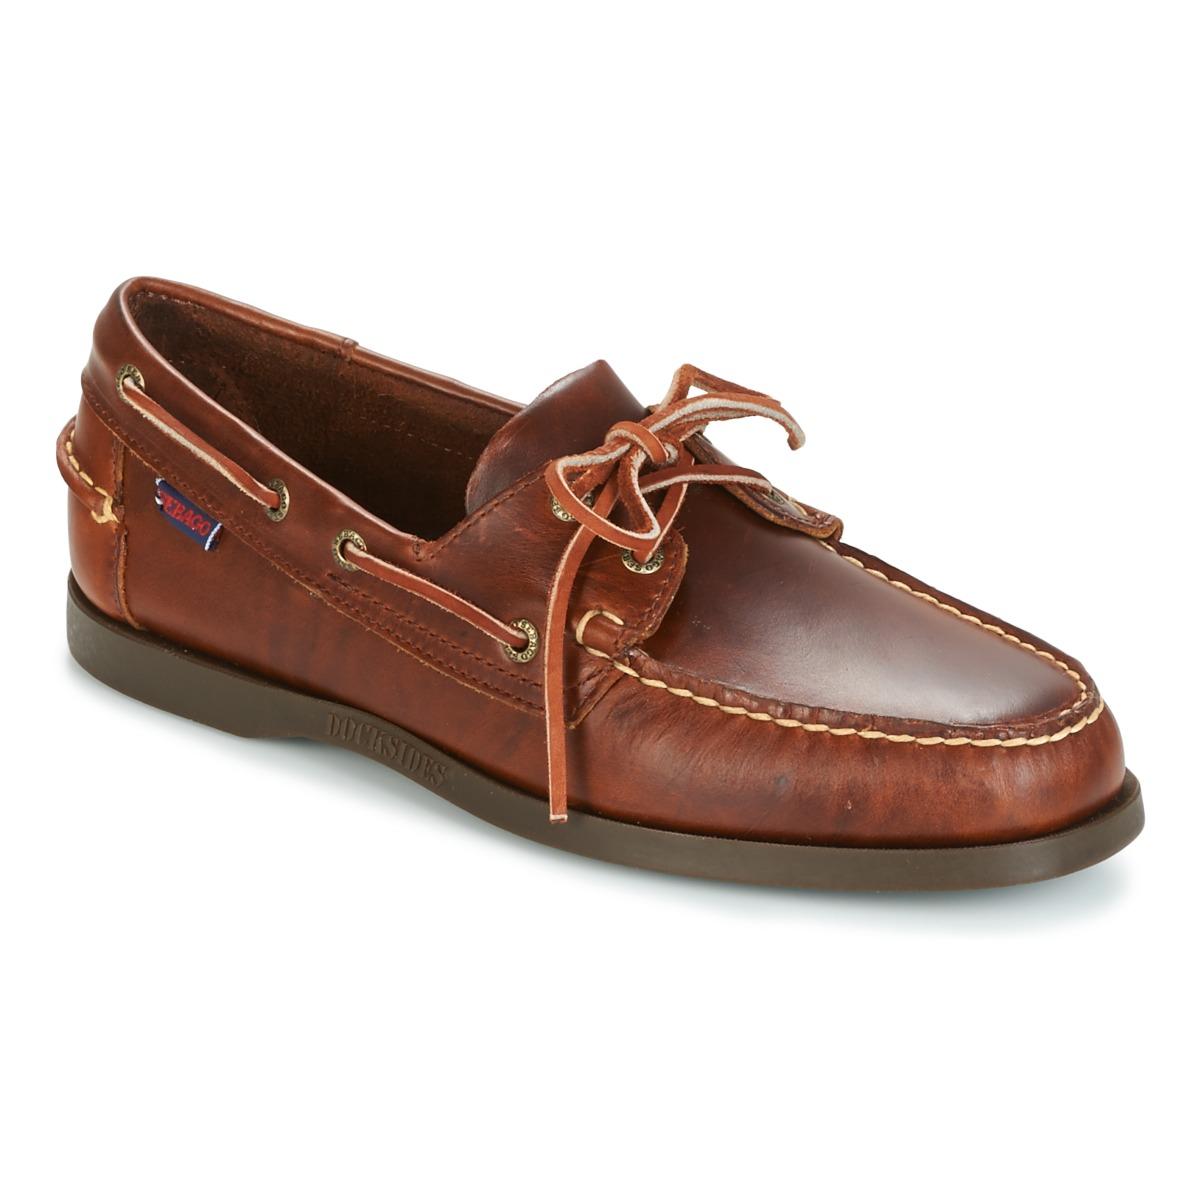 Zapato nautico hombre , Gran selección online de Zapatos náuticos , Envío gratis con Spartoo.es !